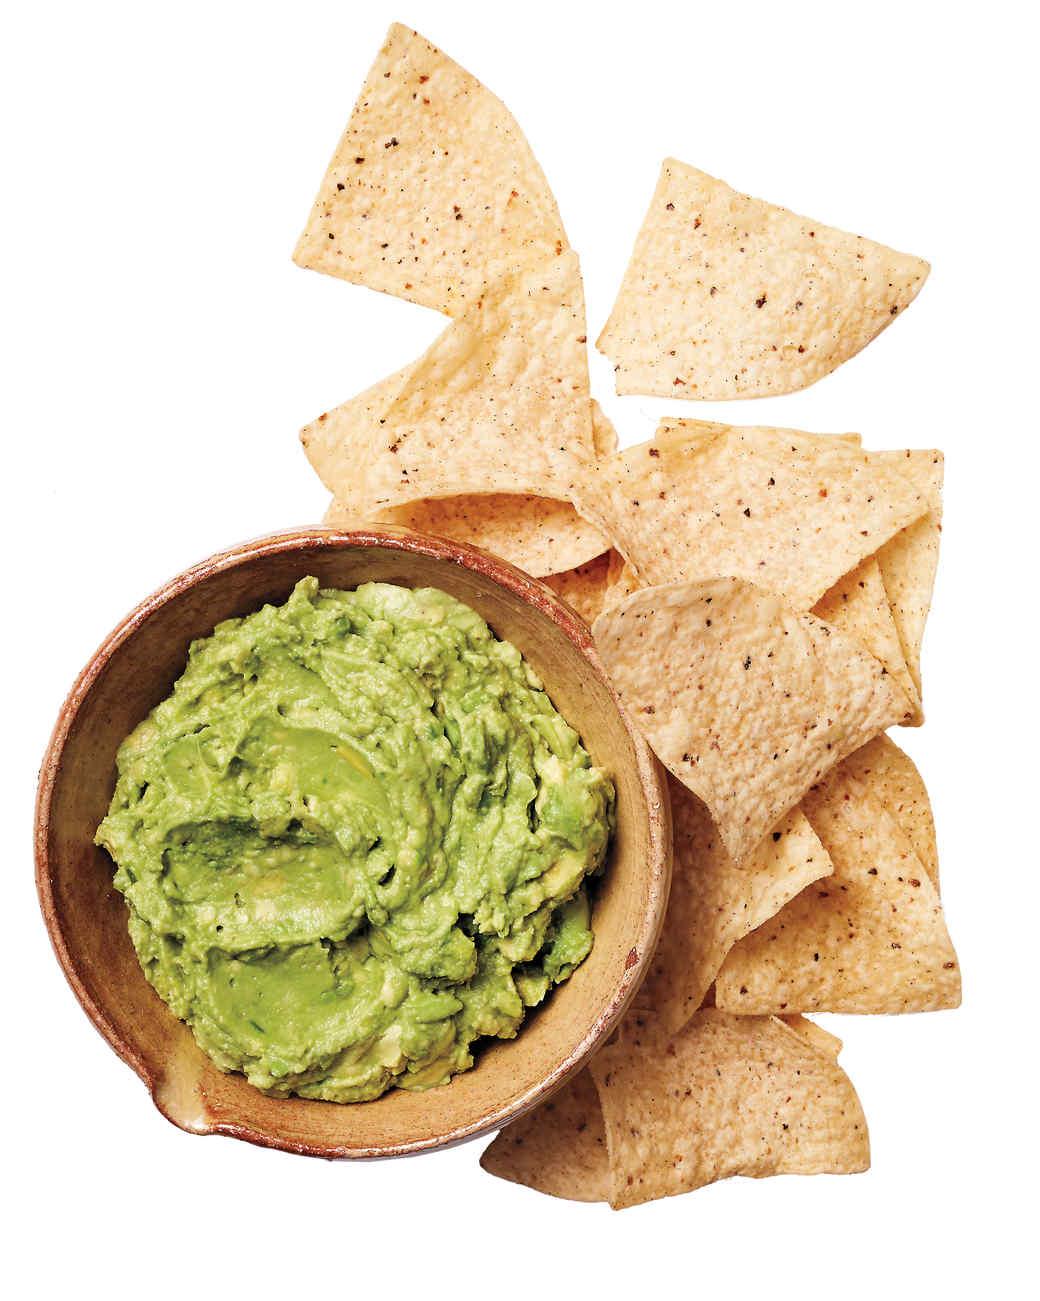 guacamole-chips-032-d111868r.jpg